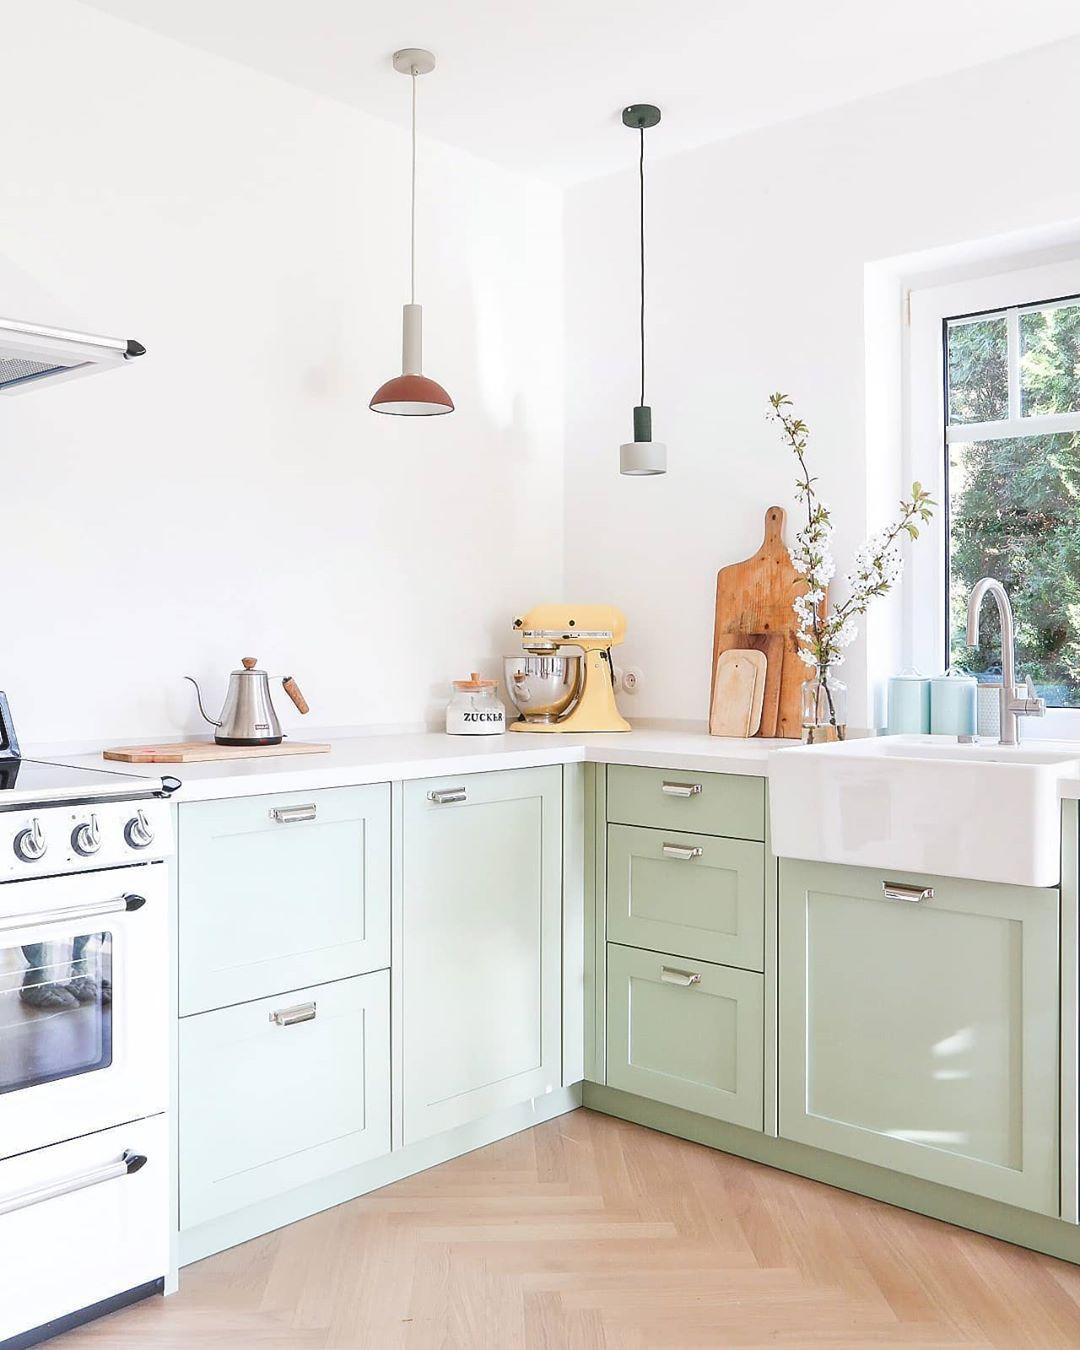 Christin On Instagram Moin Mensch Hat Das Wieder Ein Spass Mit Euch Gemacht Gestern Vielen Dank Fur Eure Zahlreichen San In 2020 Home Decor Kitchen Cabinets Kitchen